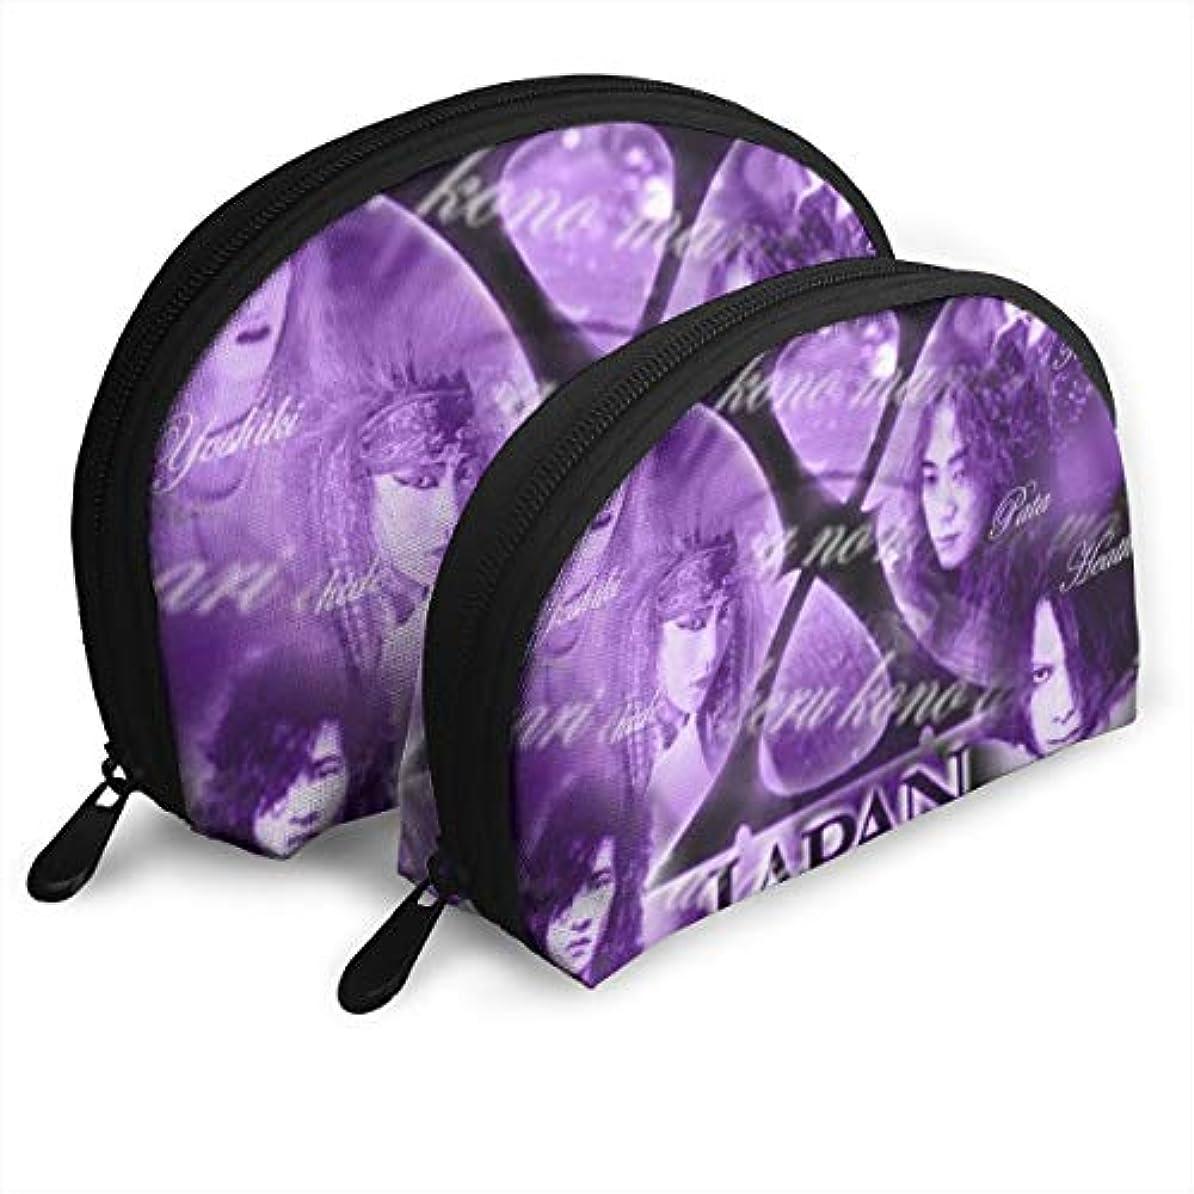 革新出費深めるX-Japan 紫色のスタイル 化粧バッグ セット メイクポーチ 半円仕様 コスメポーチ メイク収納バッグ 小物入れ 出張 旅行メイクバッグ可愛い 男女兼用 プレゼント